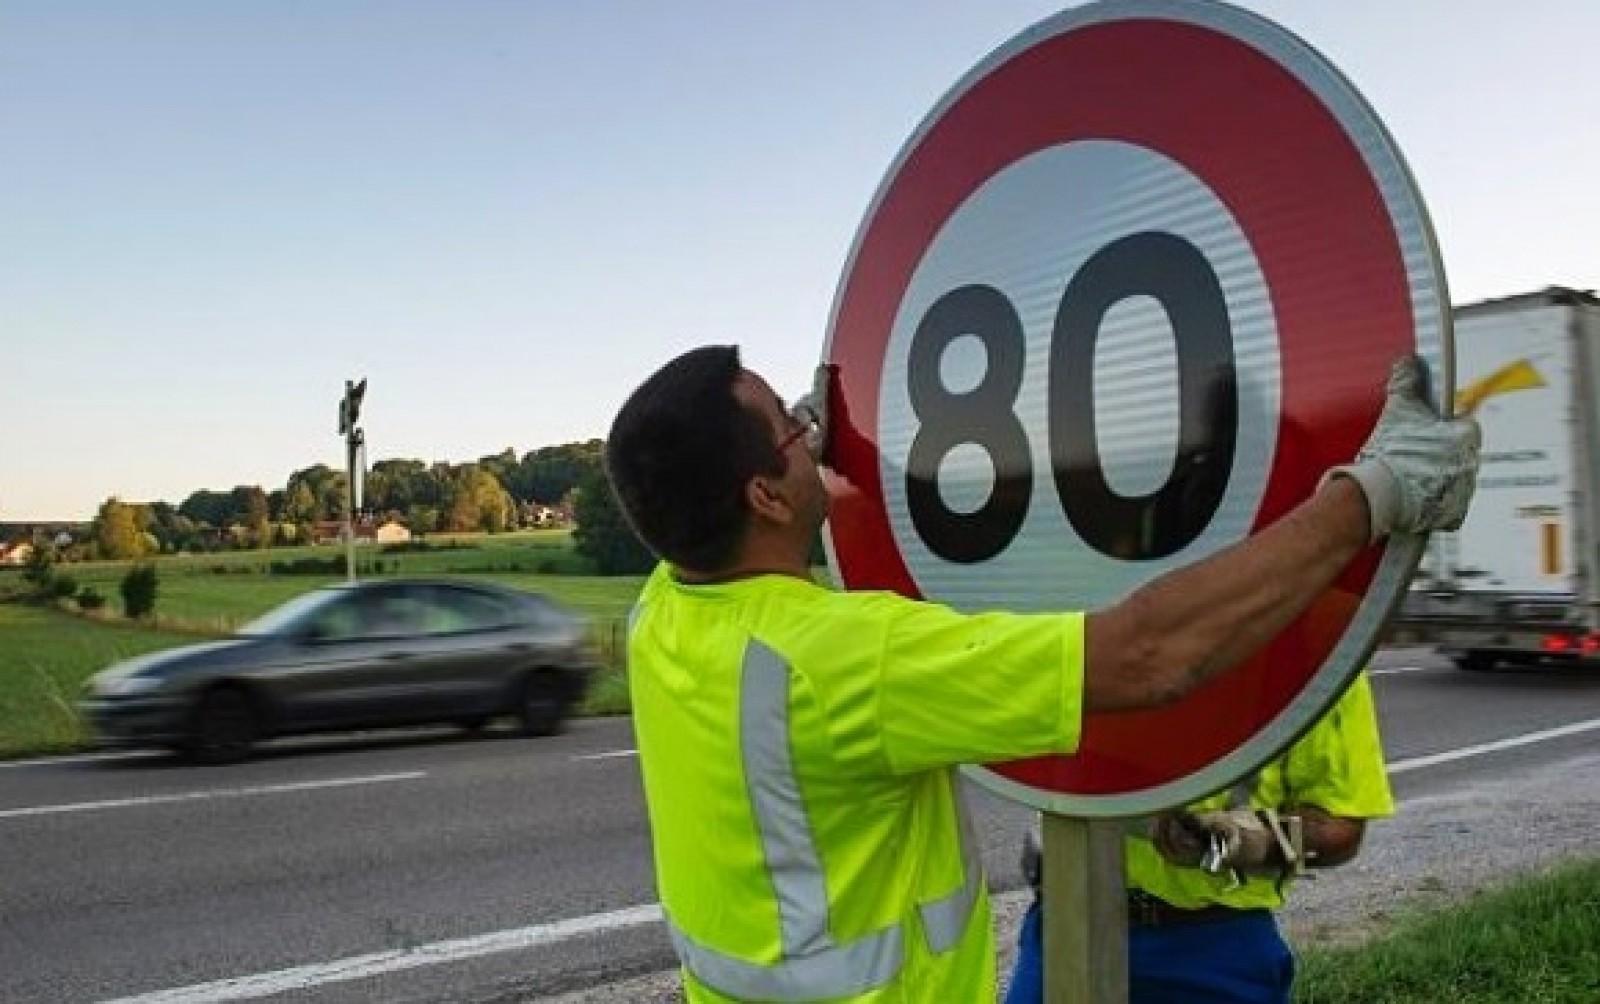 Modificări în regulile de trafic: Franța dorește să micșoreze limita de viteză pentru a reduce numărul de accidente